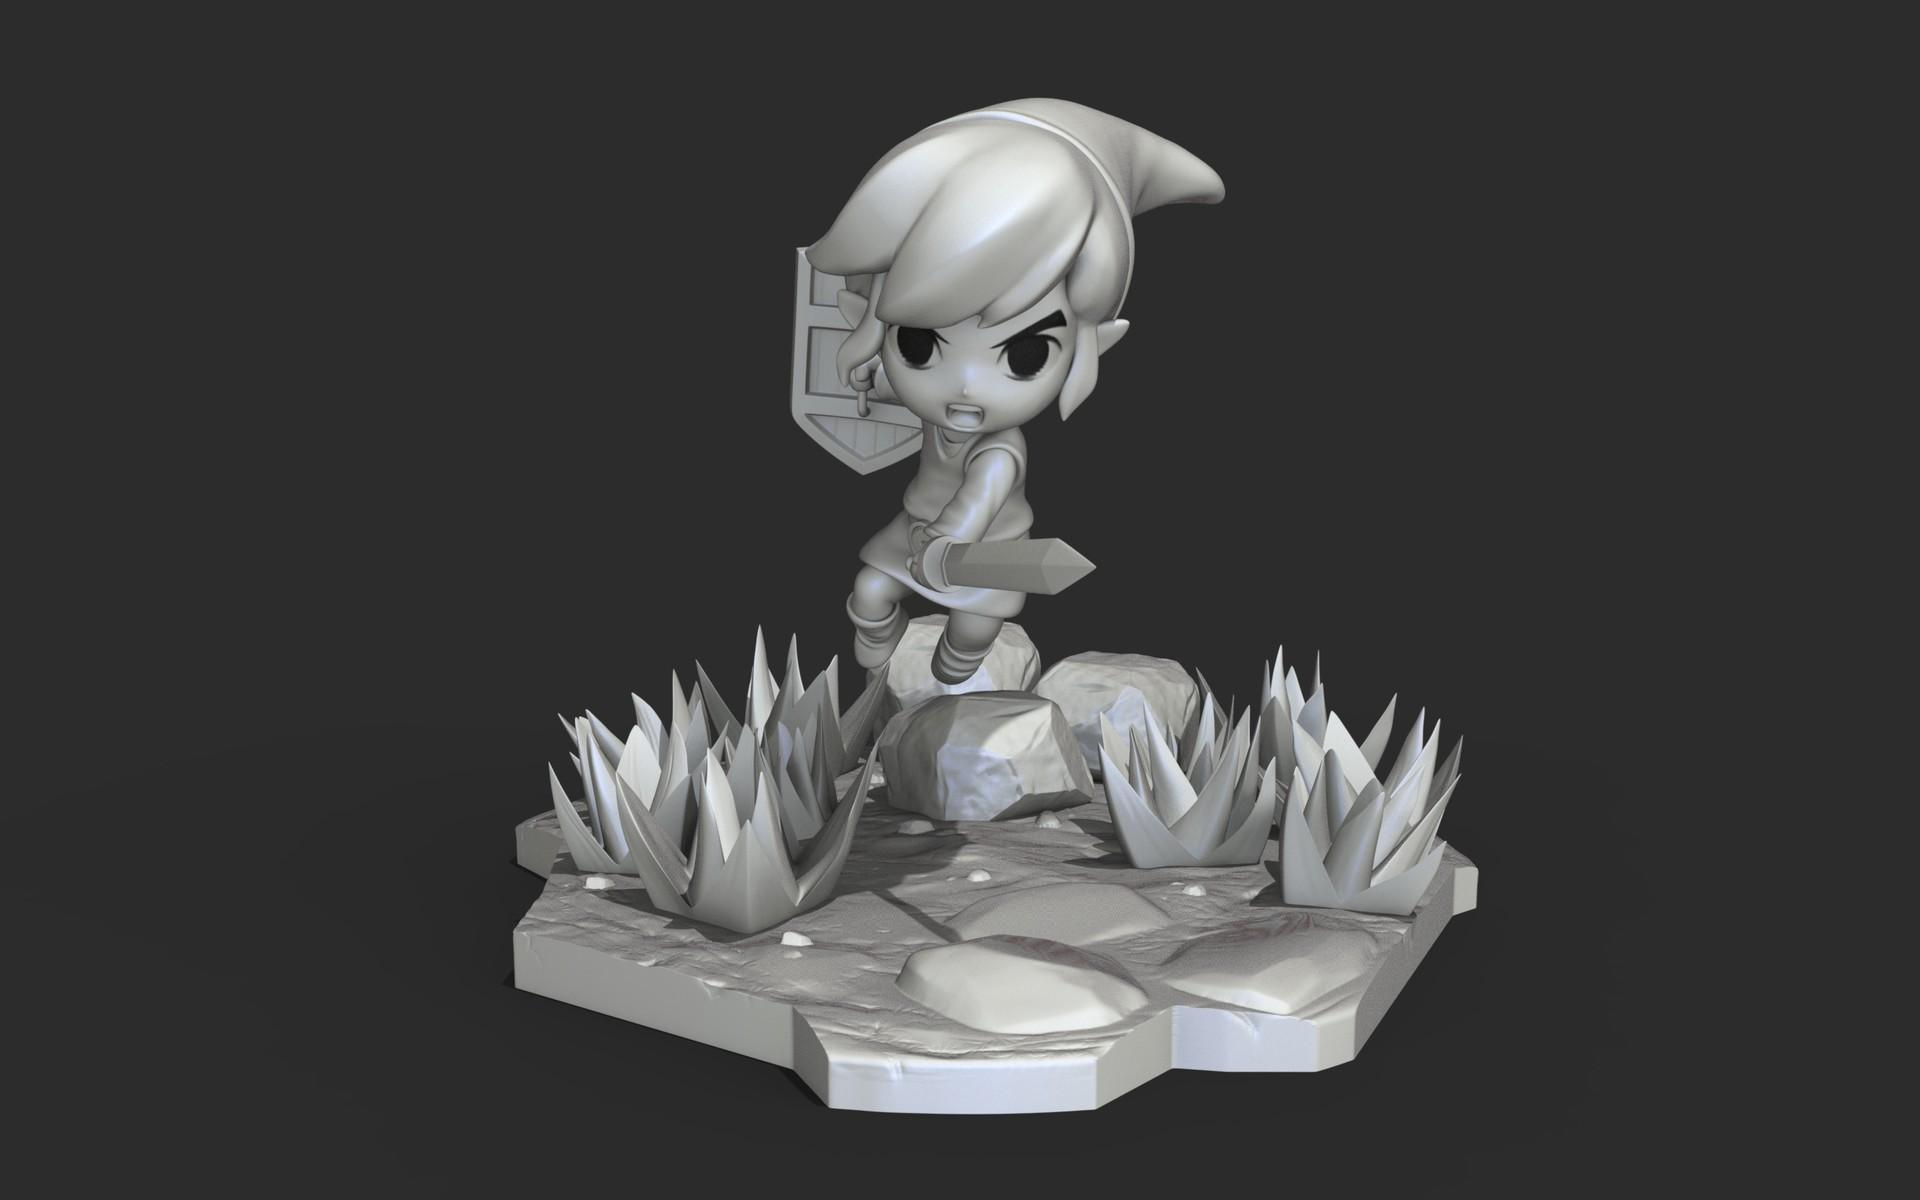 Sculpt GameCharacter